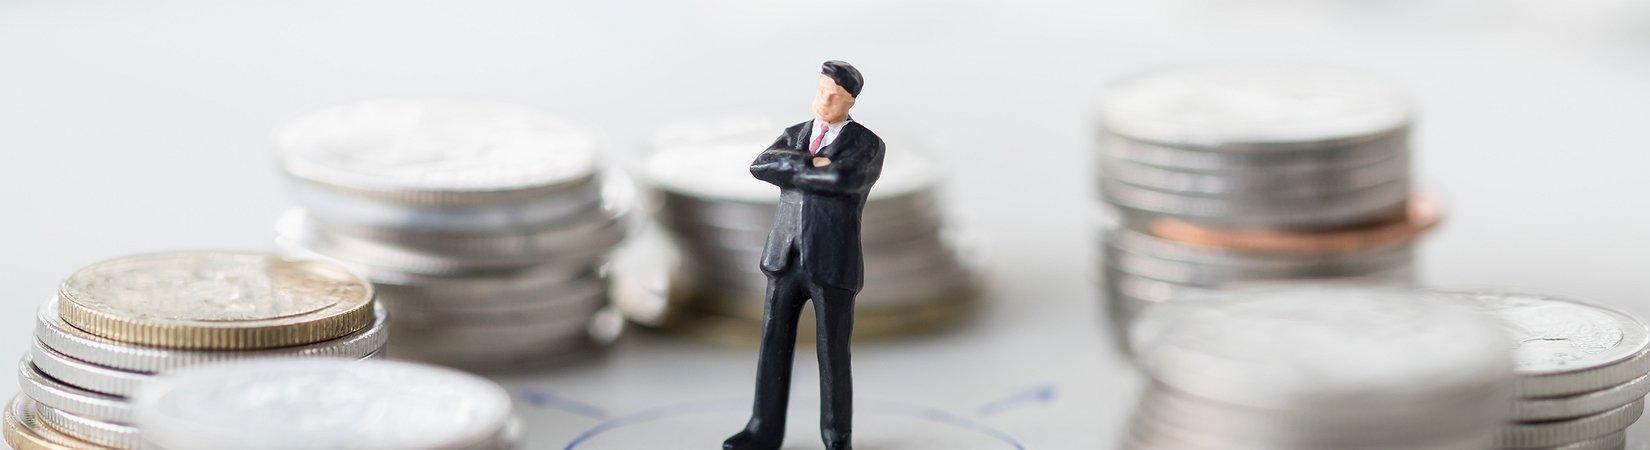 Por qué no deberías ignorar los impuestos al invertir en Bolsa